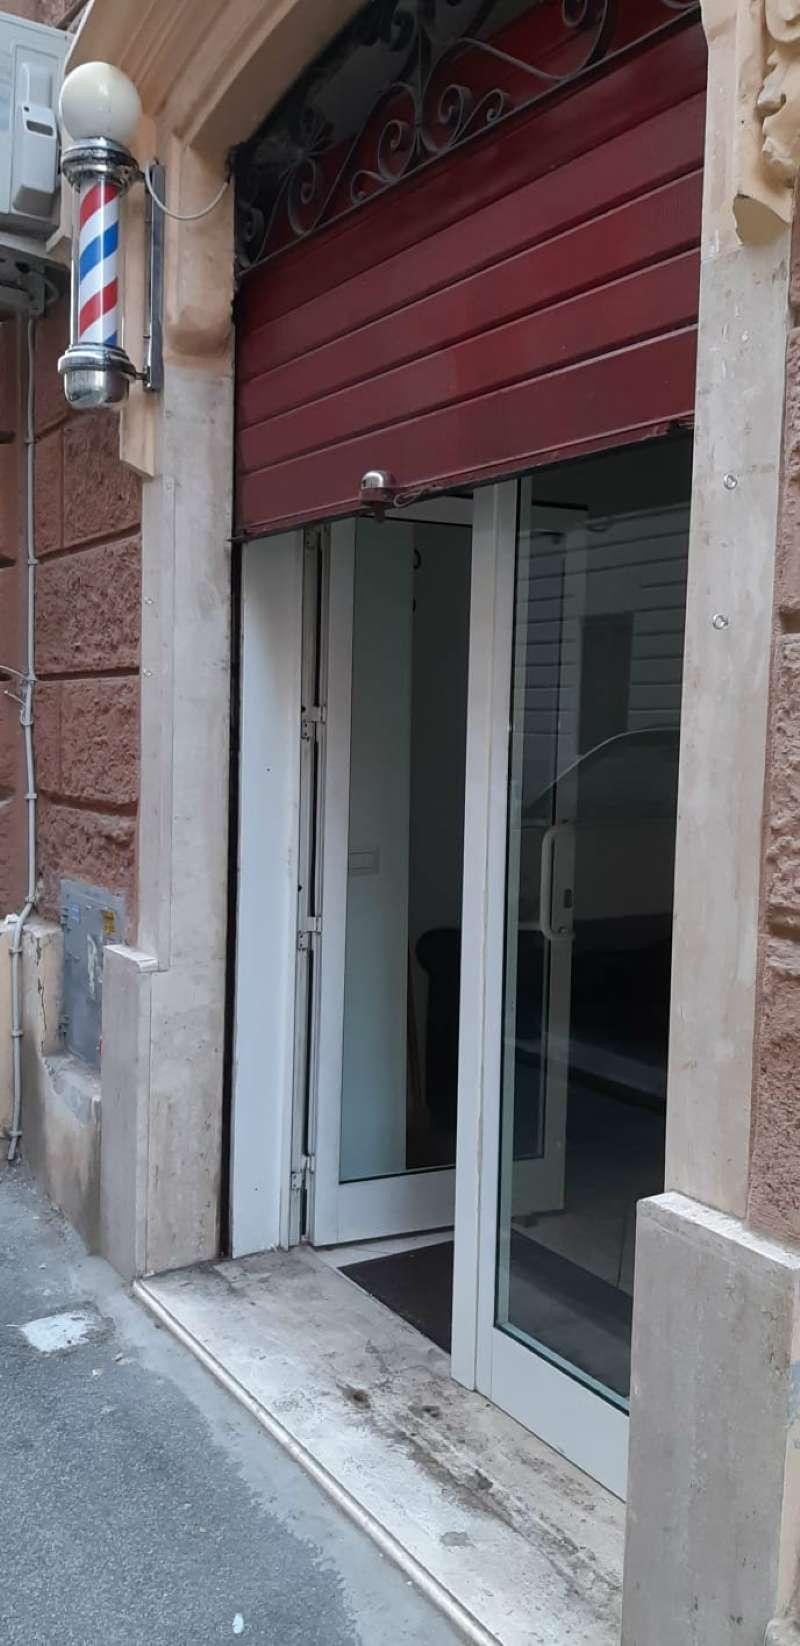 Negozi e locali in affitto a roma for Affitto roma locale